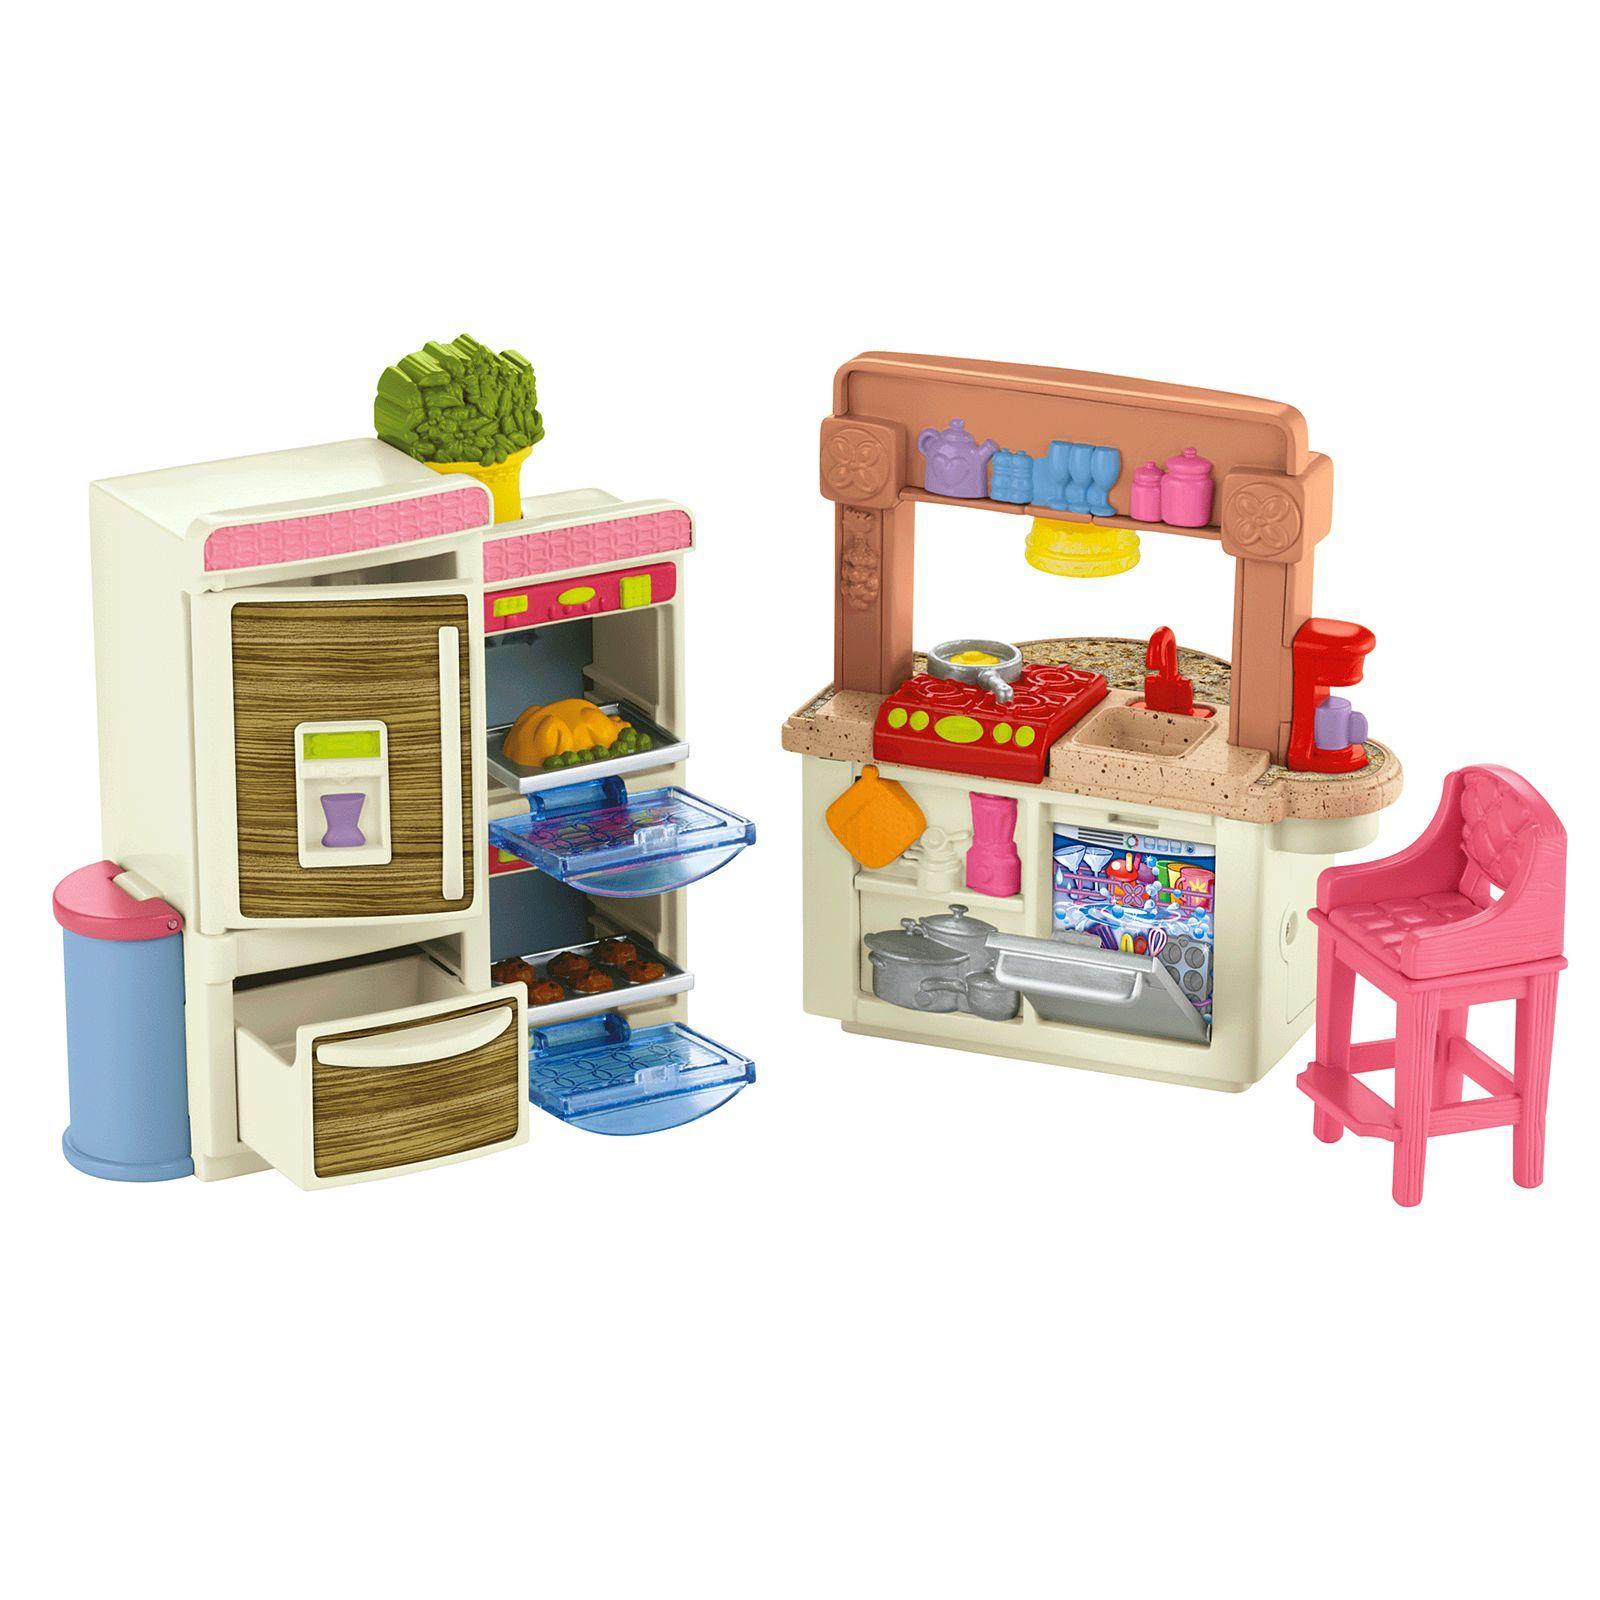 Image for PREMIUM KITCHEN from Mattel Loving family